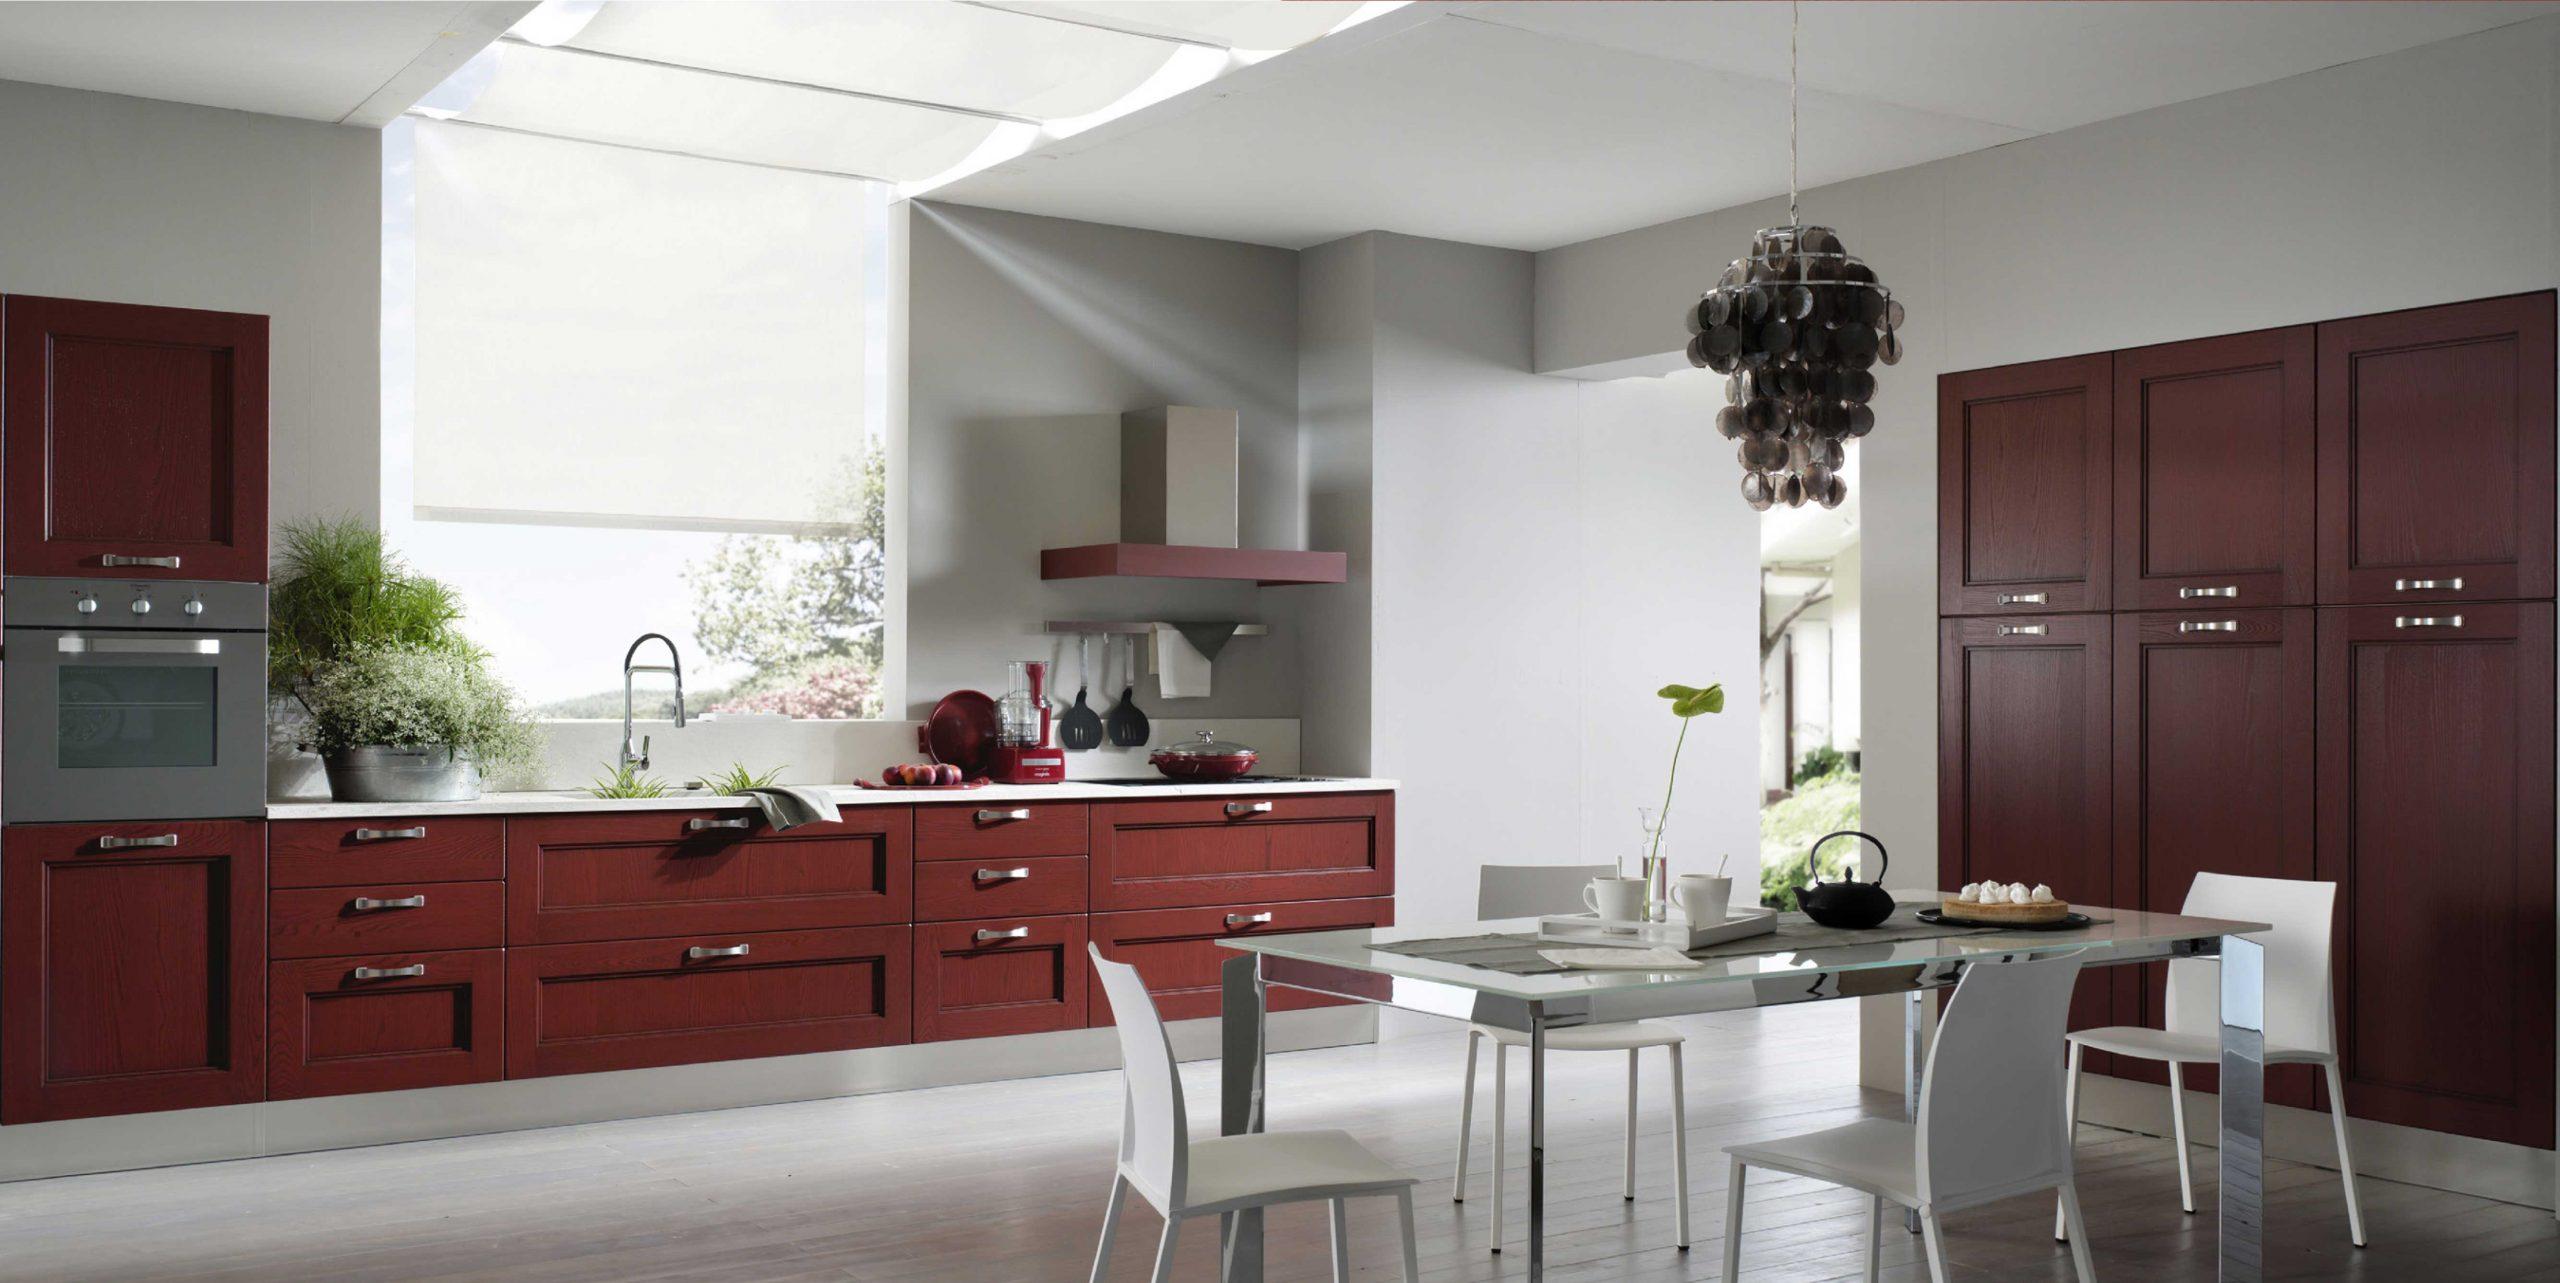 Cucina-Tulay-creazione-cataloghi-aziendali-padova